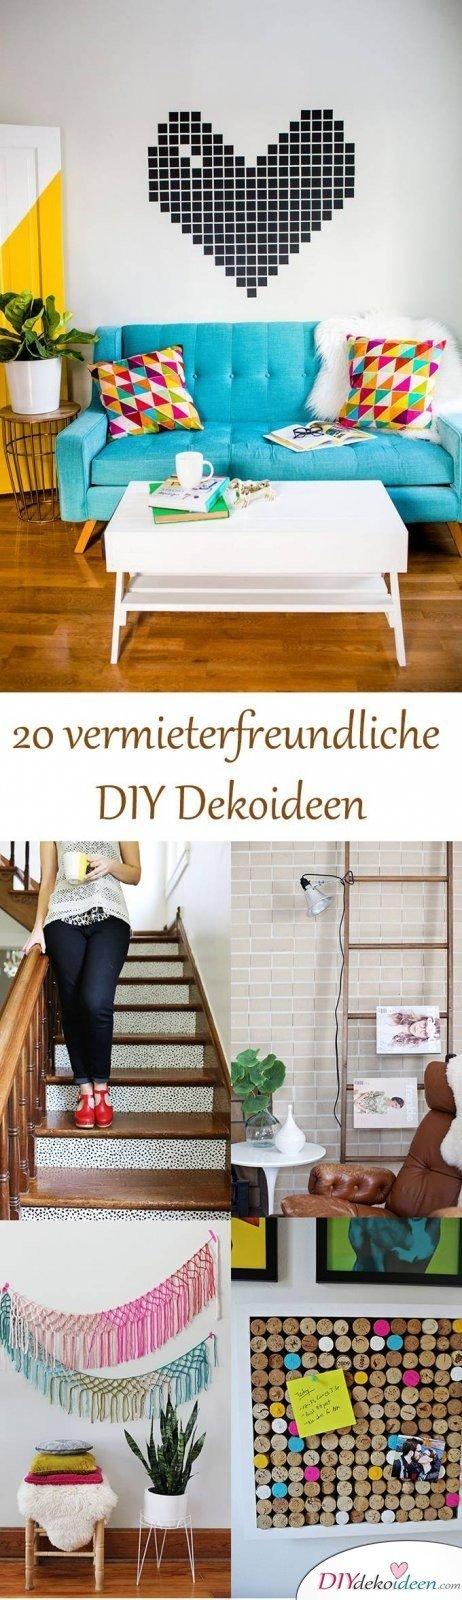 DIY Dekoideen für Wohnungen